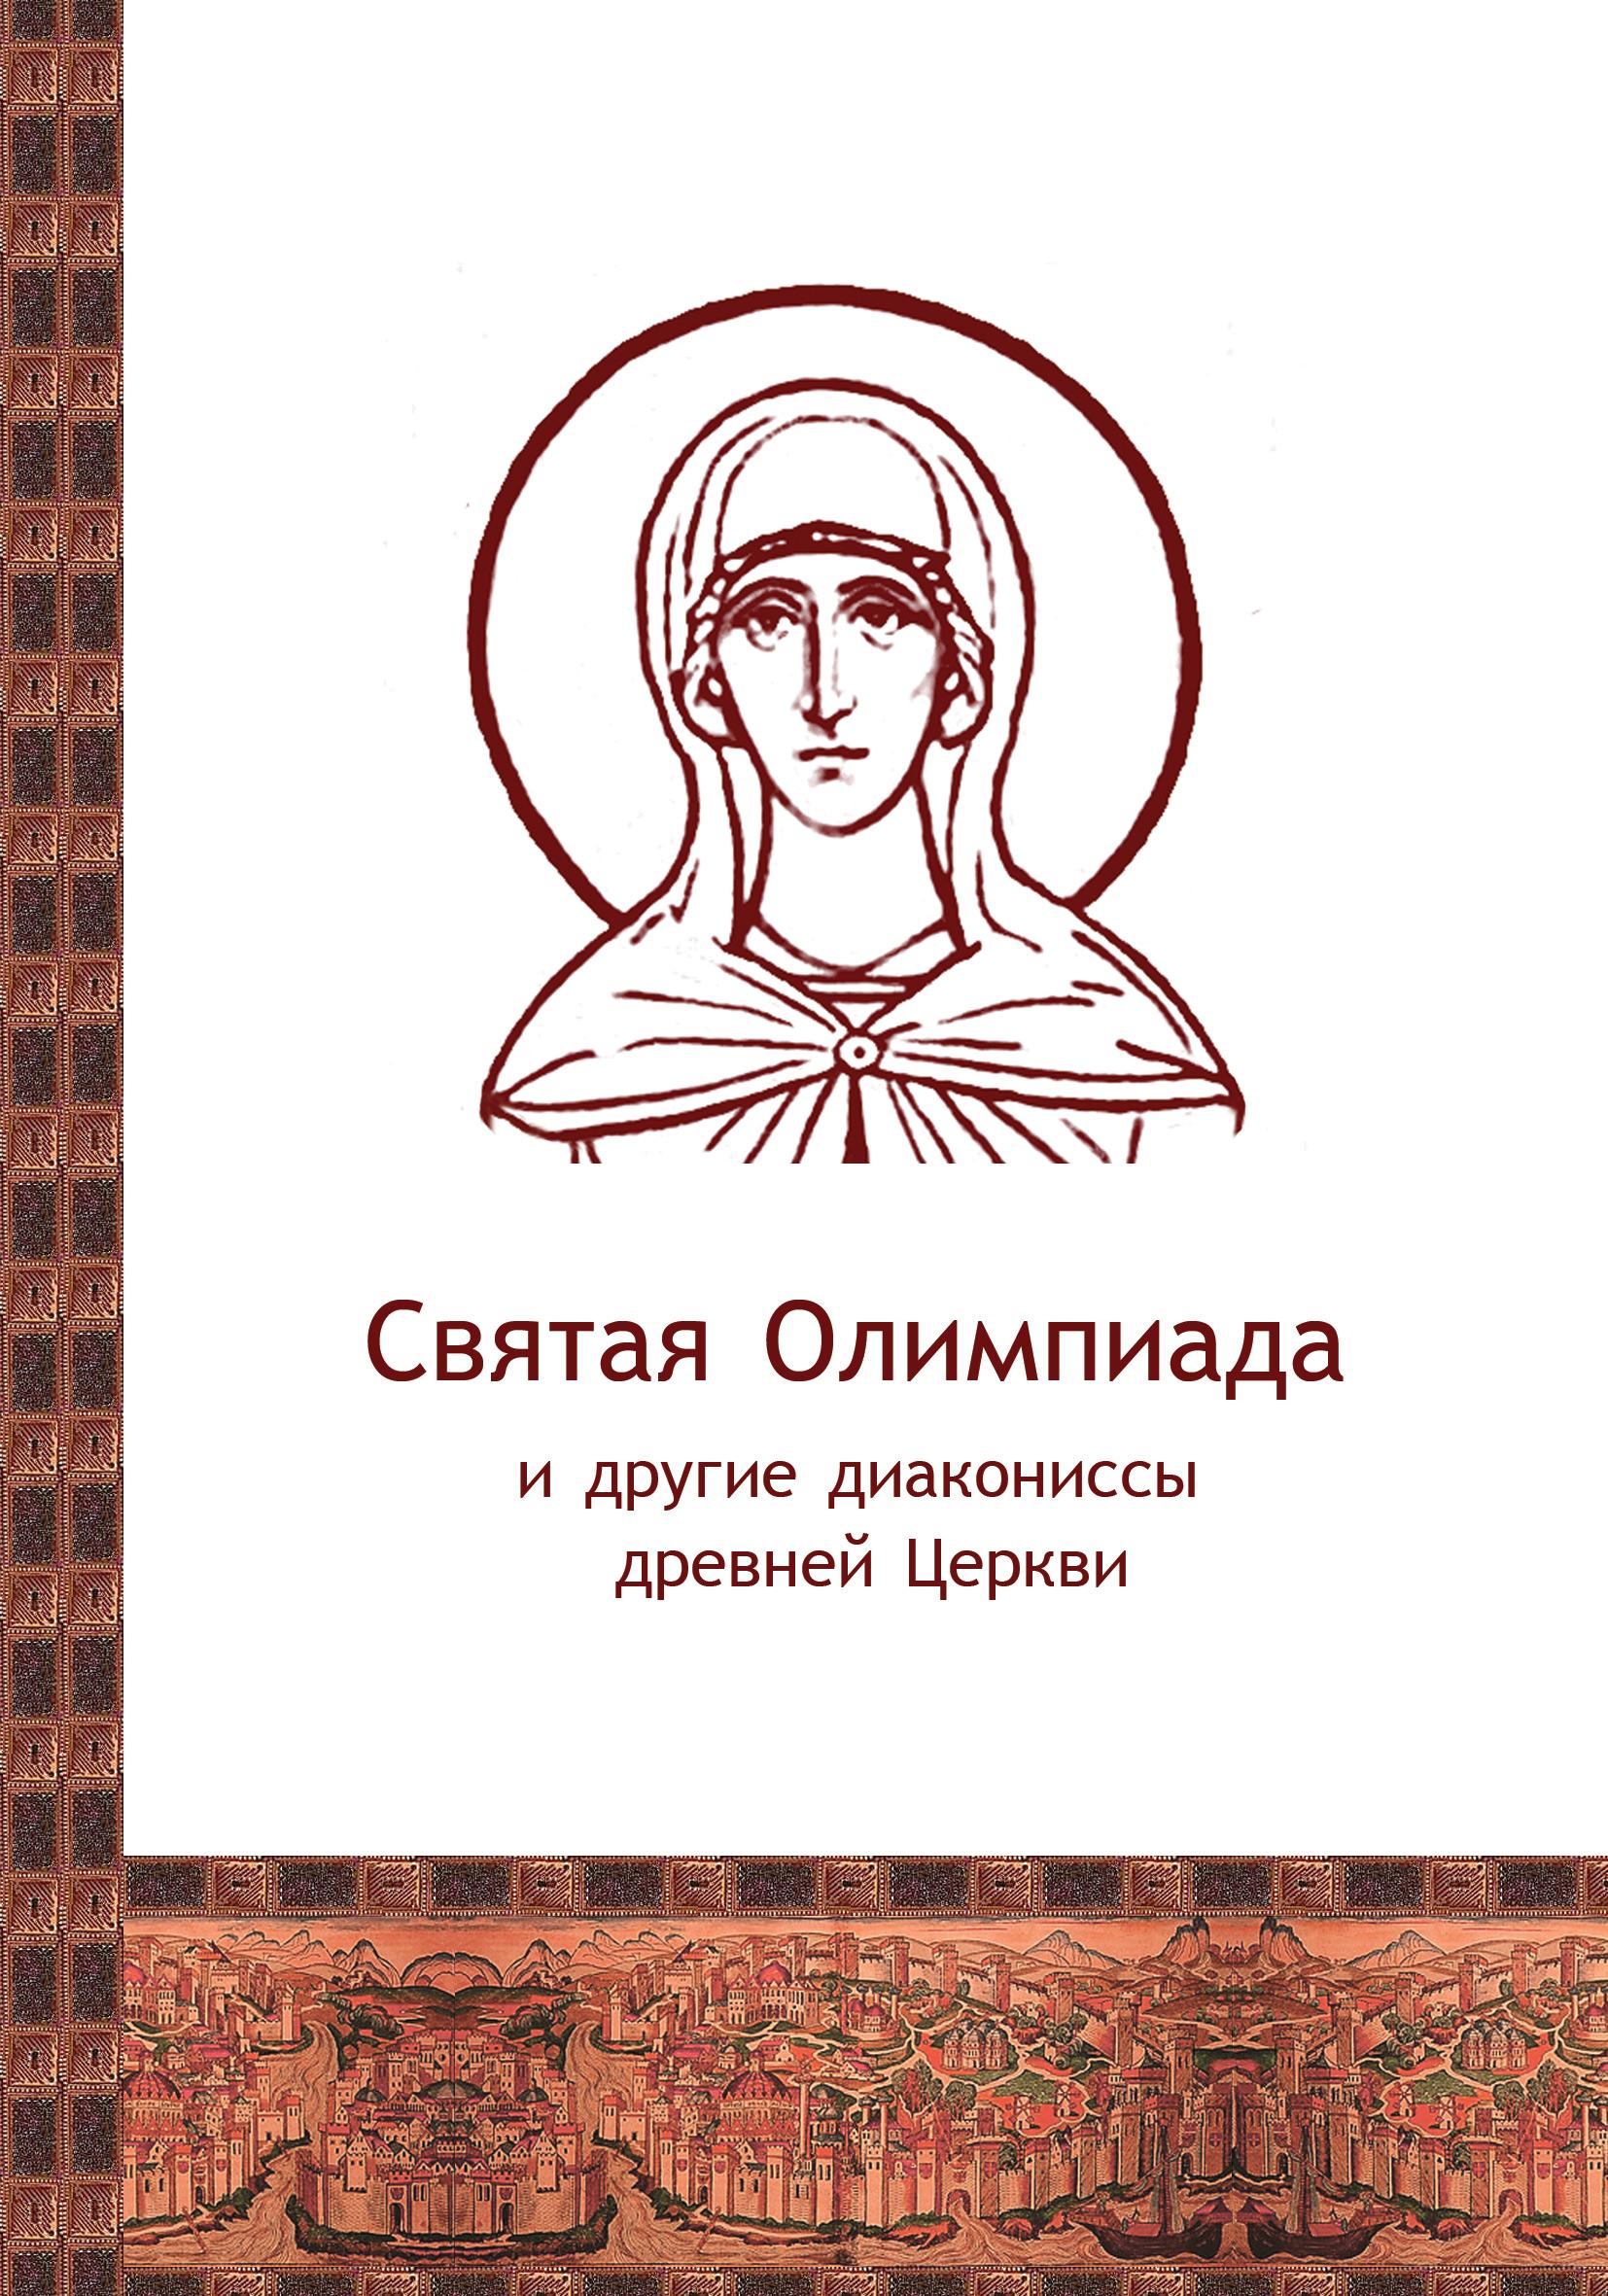 svyataya olimpiada i drugie diakonissy drevney tserkvi